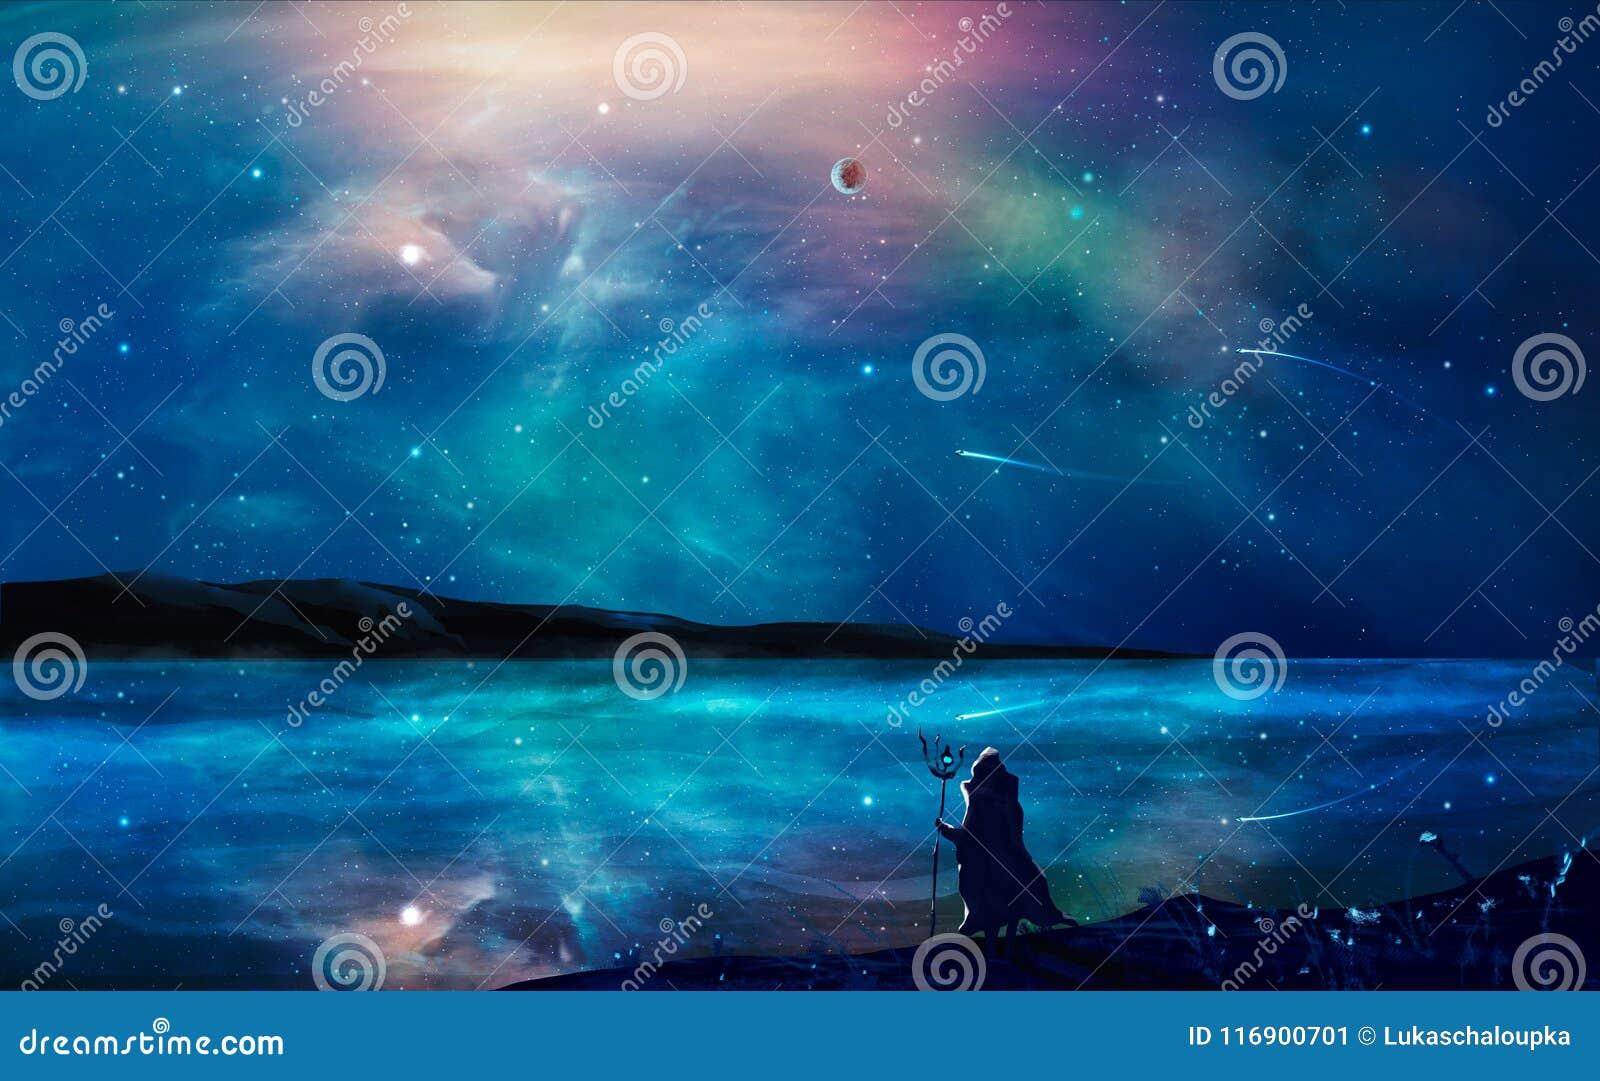 Pintura digital da paisagem da ficção científica com nebulosa, mágico, planeta,